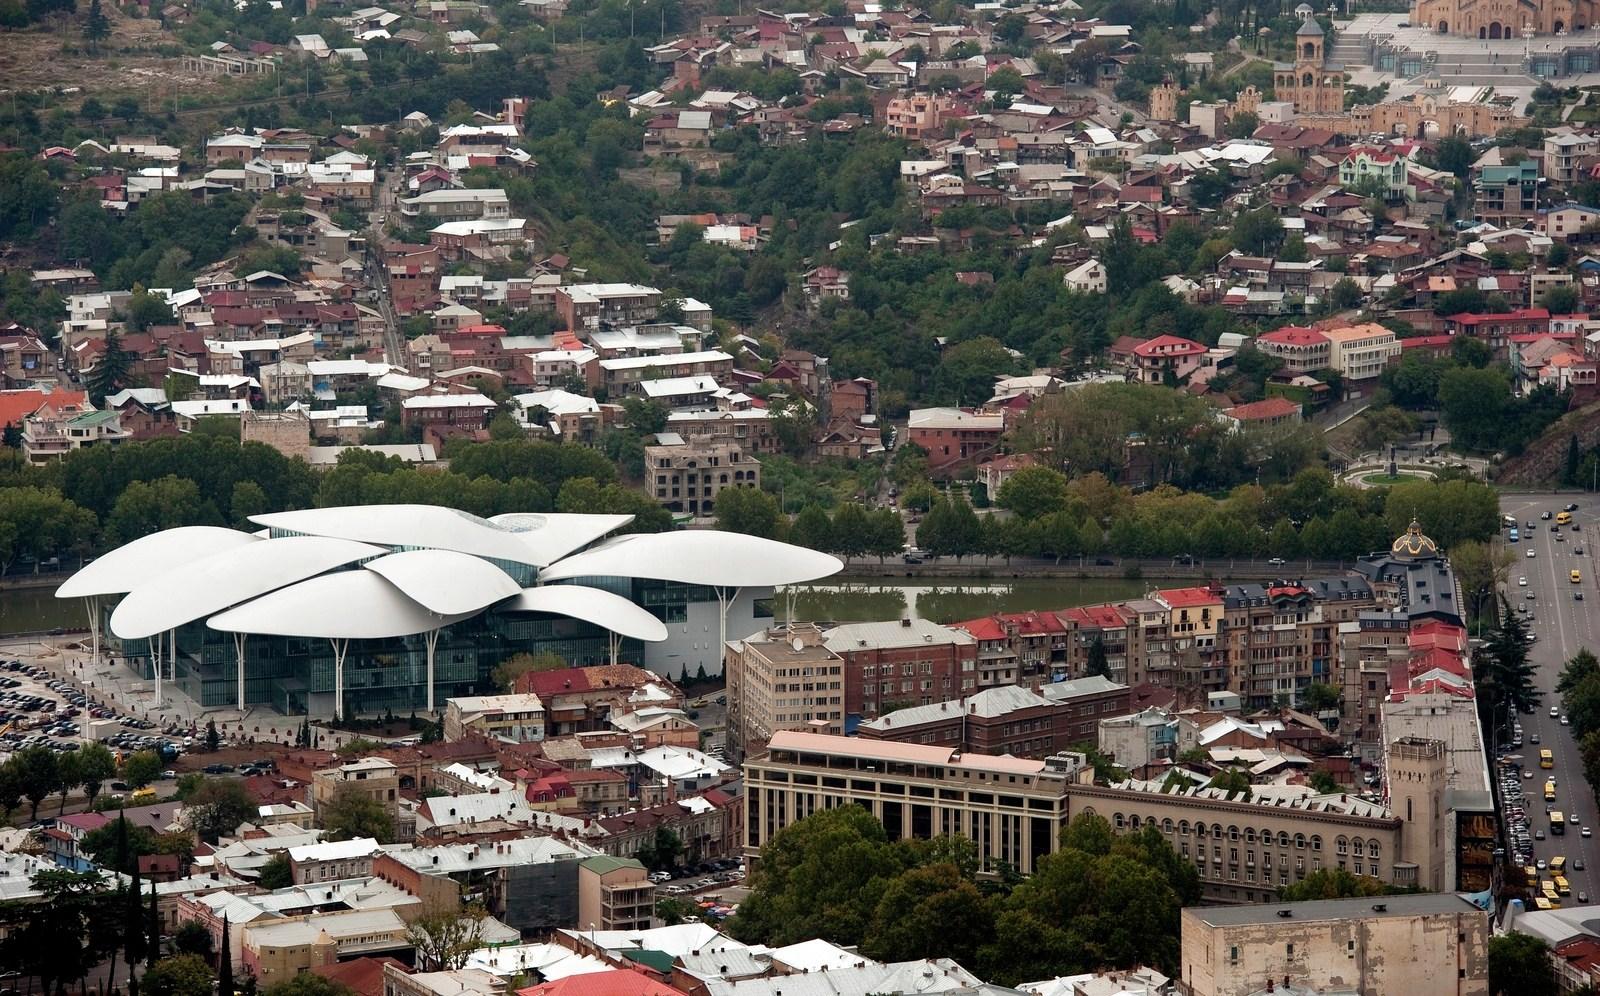 Tbilisi georgia dating site